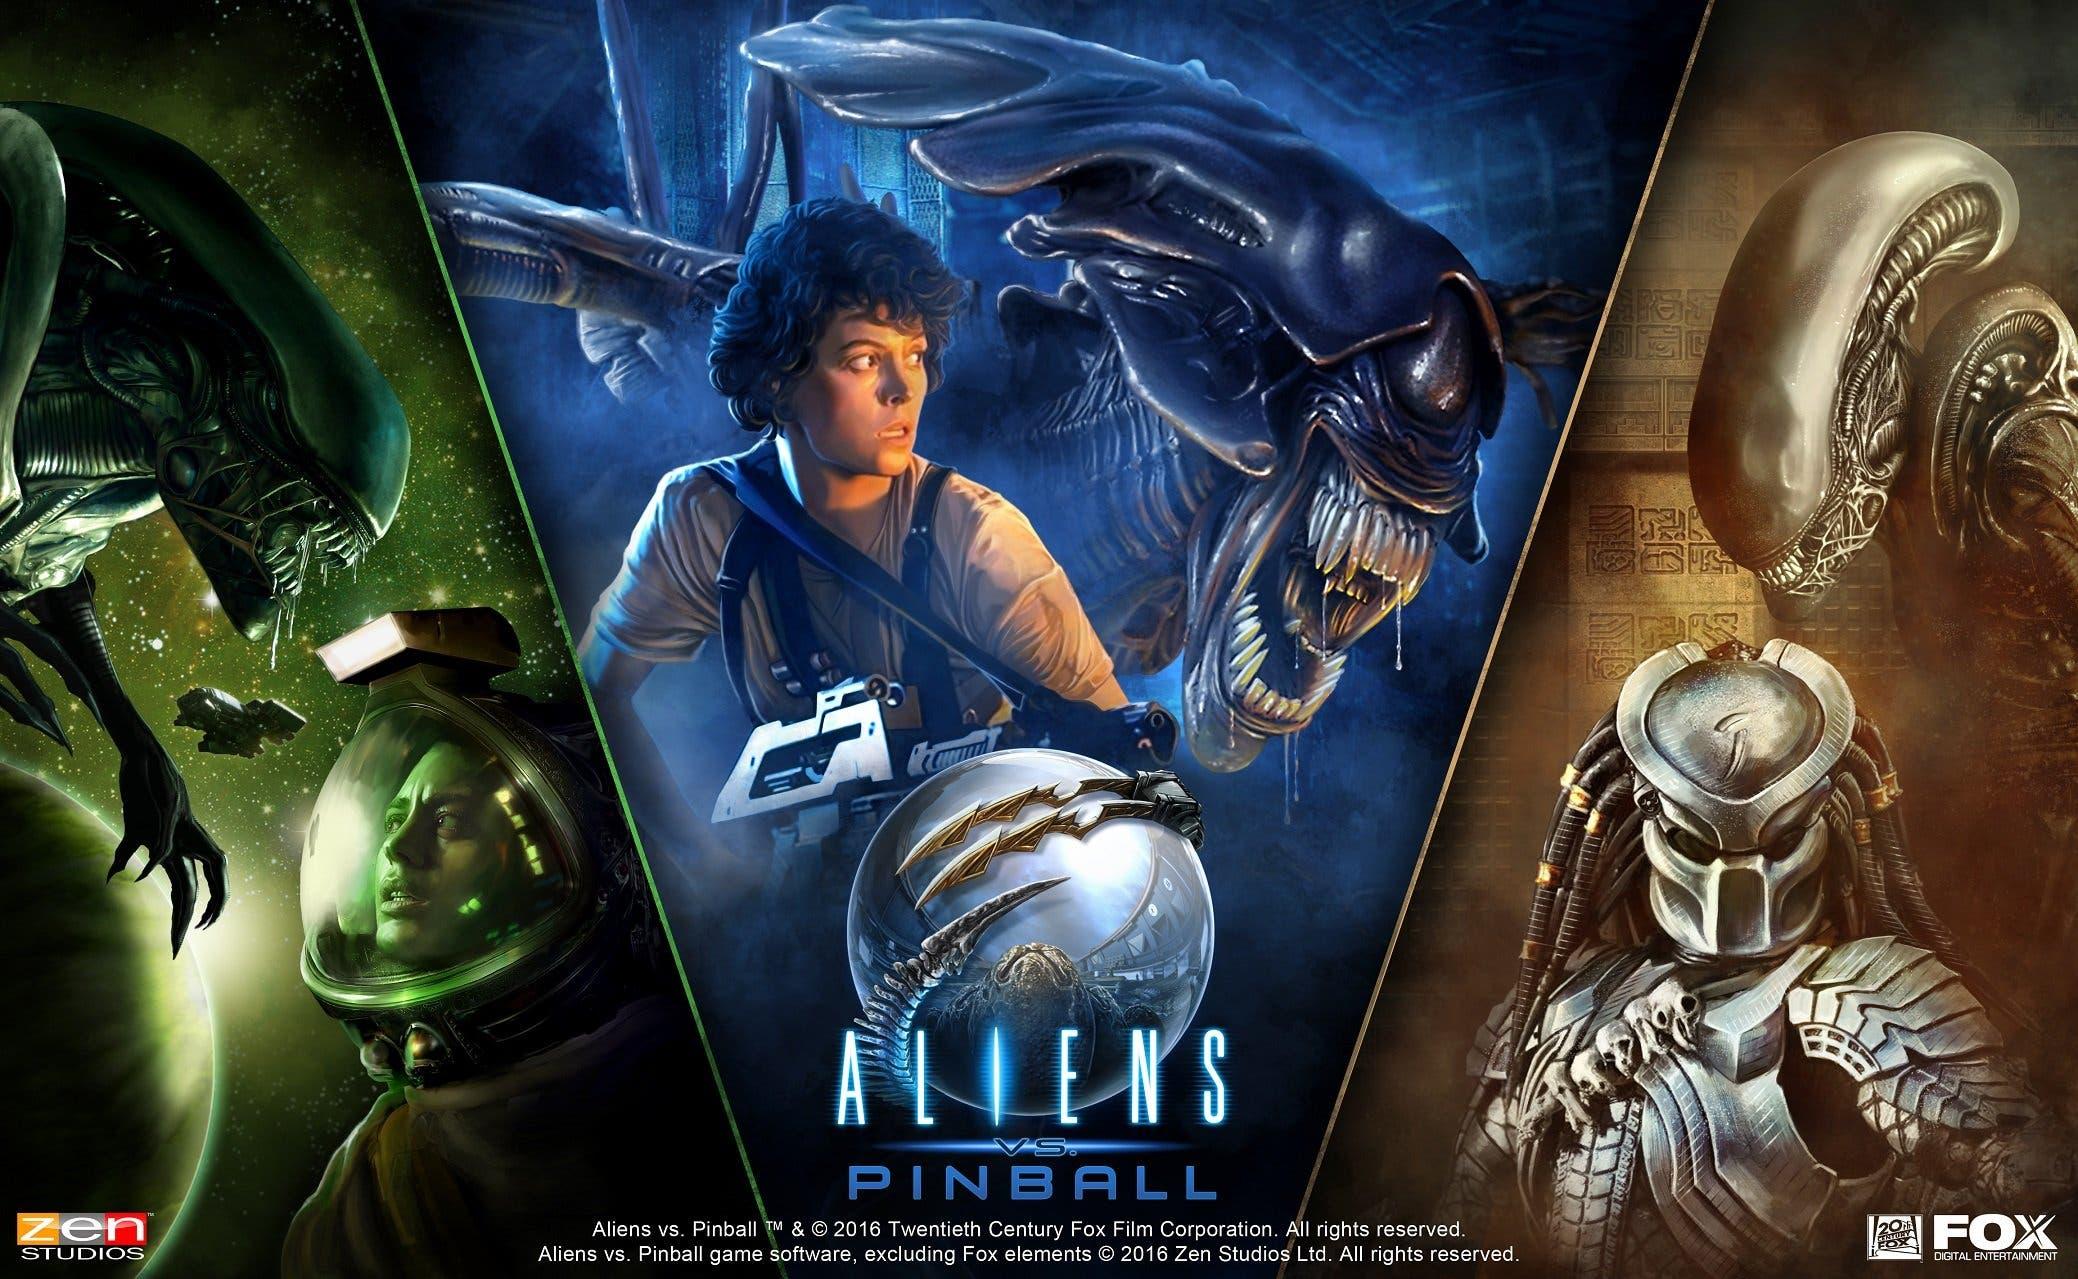 aliens_vs_pinball-3358572